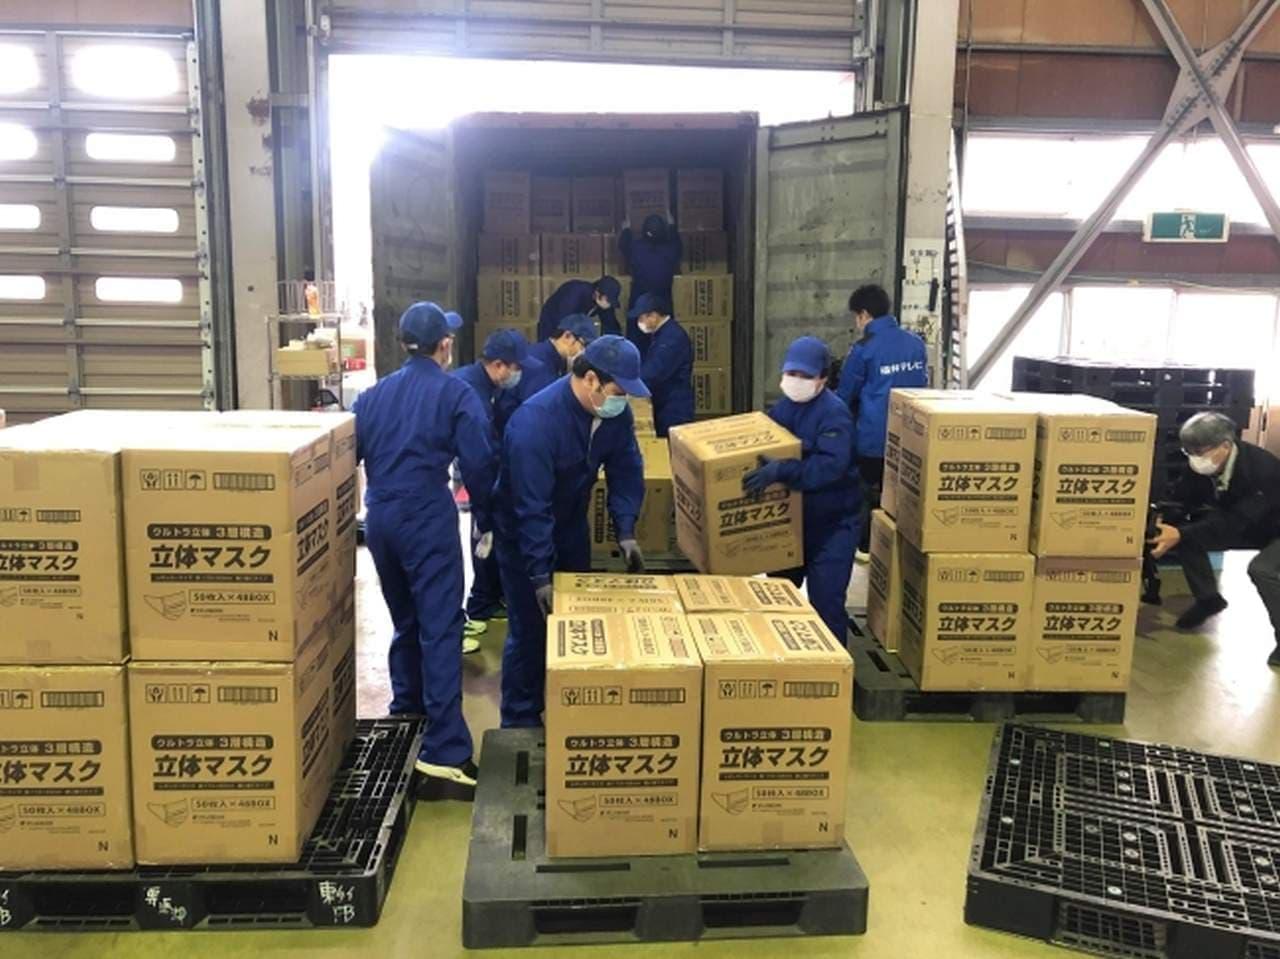 福井県「マスク購入券」で話題のフジコン 5月1日から日本全国にマスクを6,000万枚/月供給へ